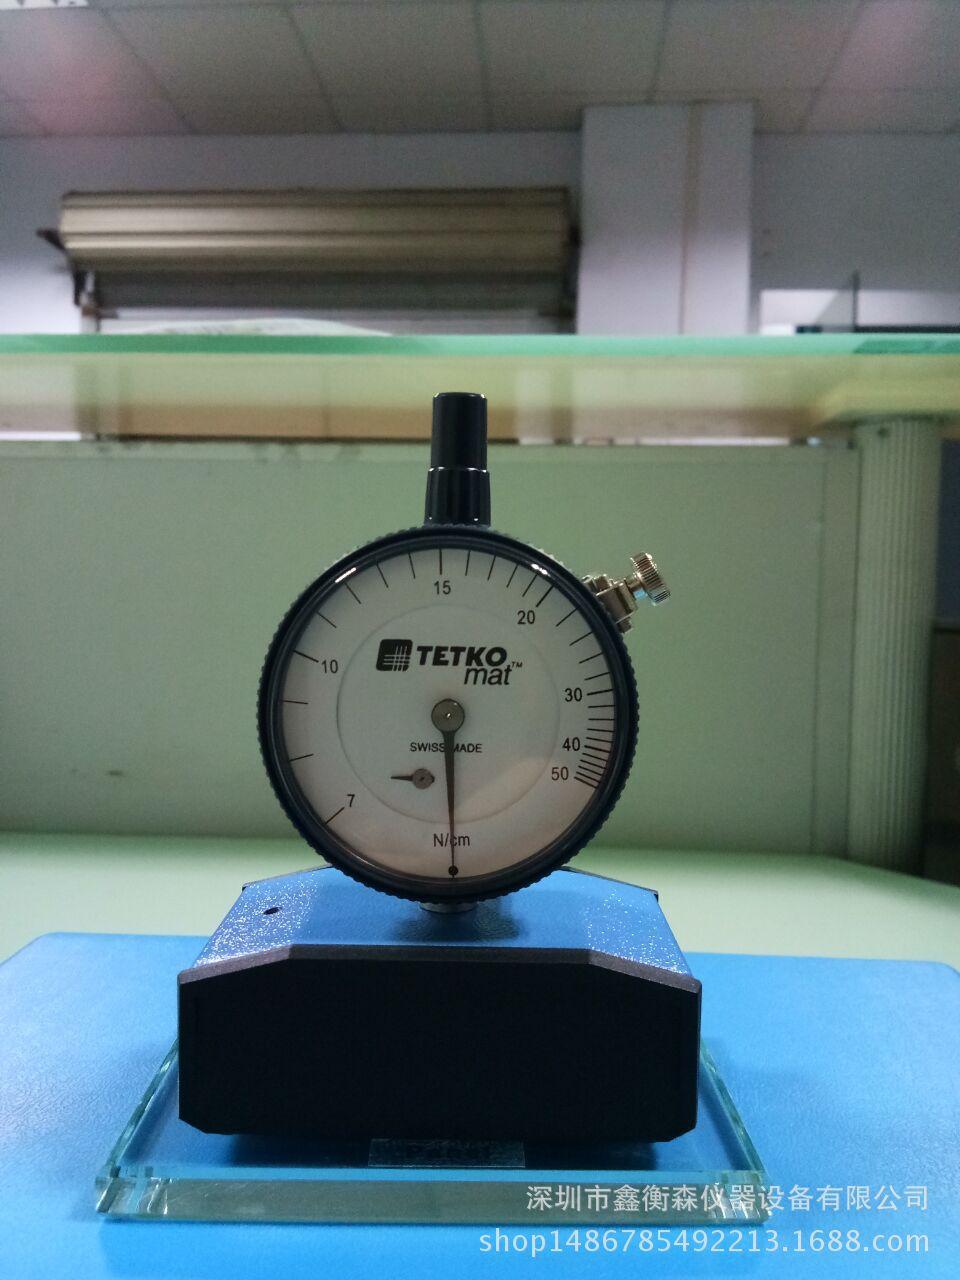 瑞士张力计tetko 张力计 tetko 指针式测力仪表